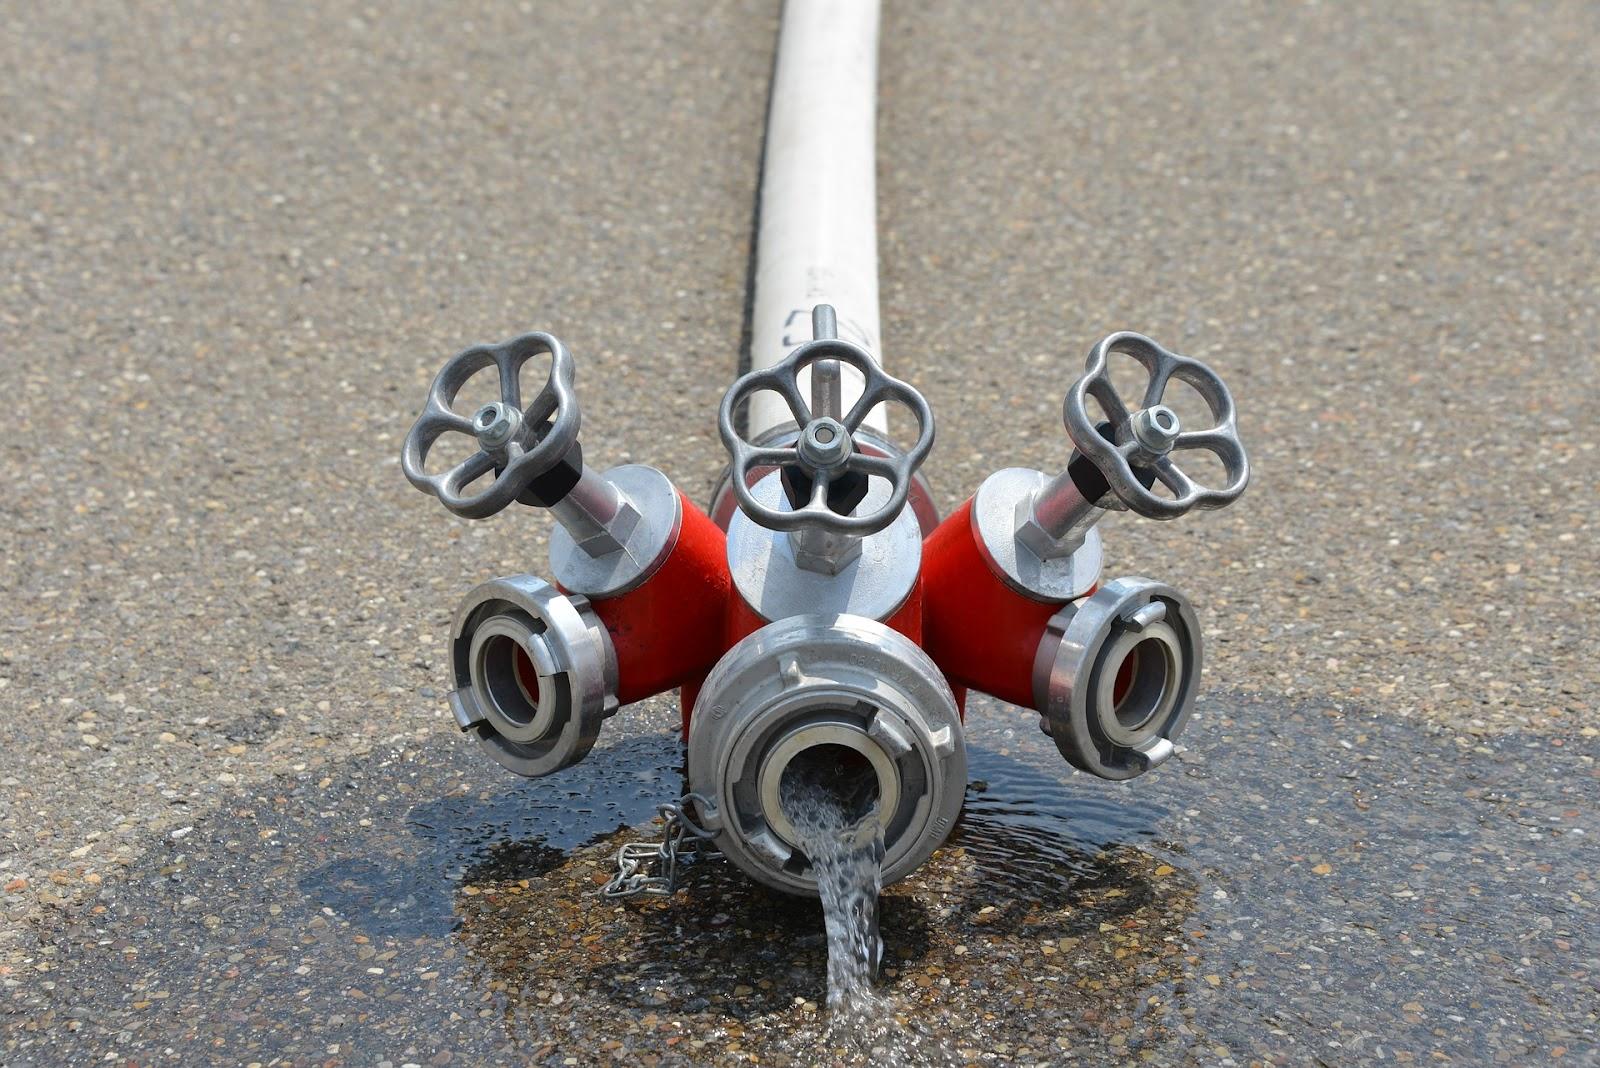 As bombas de incêndio são parte fundamental dos sistemas de combate a incêndios, como redes de hidrantes, redes de sprinklers, sistemas de espuma, entre outros, bombeando água de forma estável para tornar o combate às chamas ainda mais eficiente.